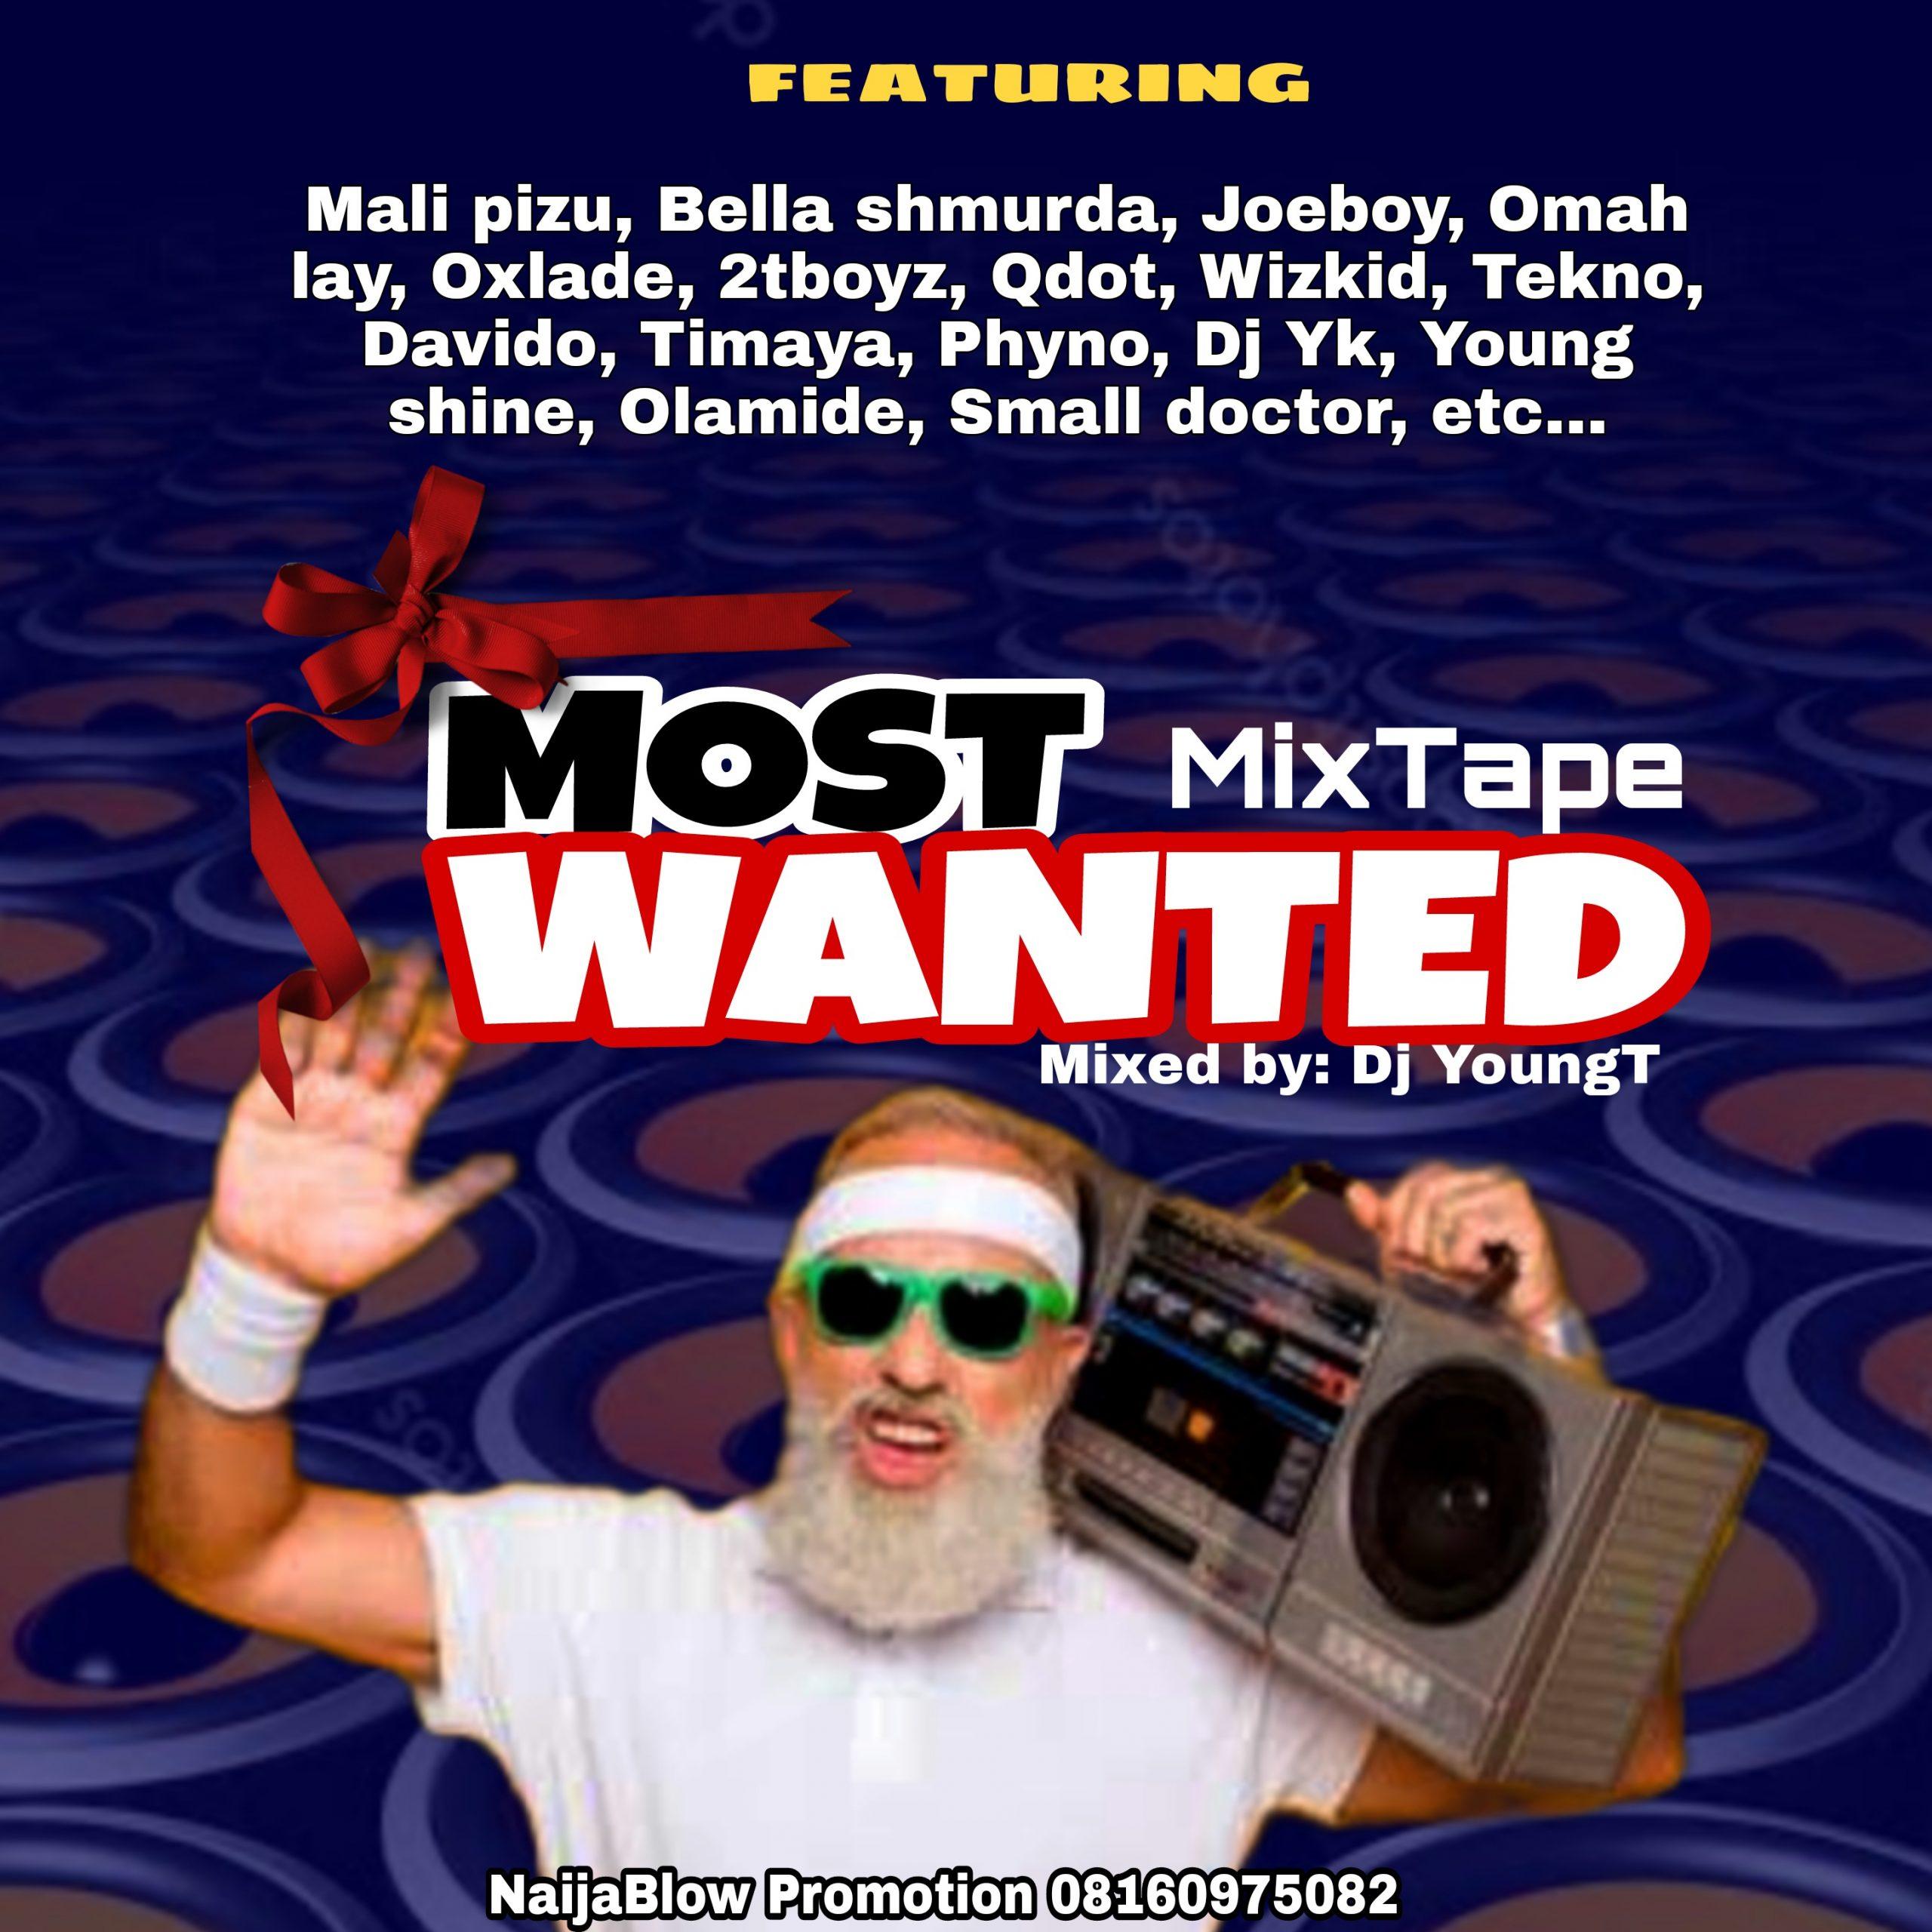 [Mixtape] Dj YoungT - Most Wanted Mixtape